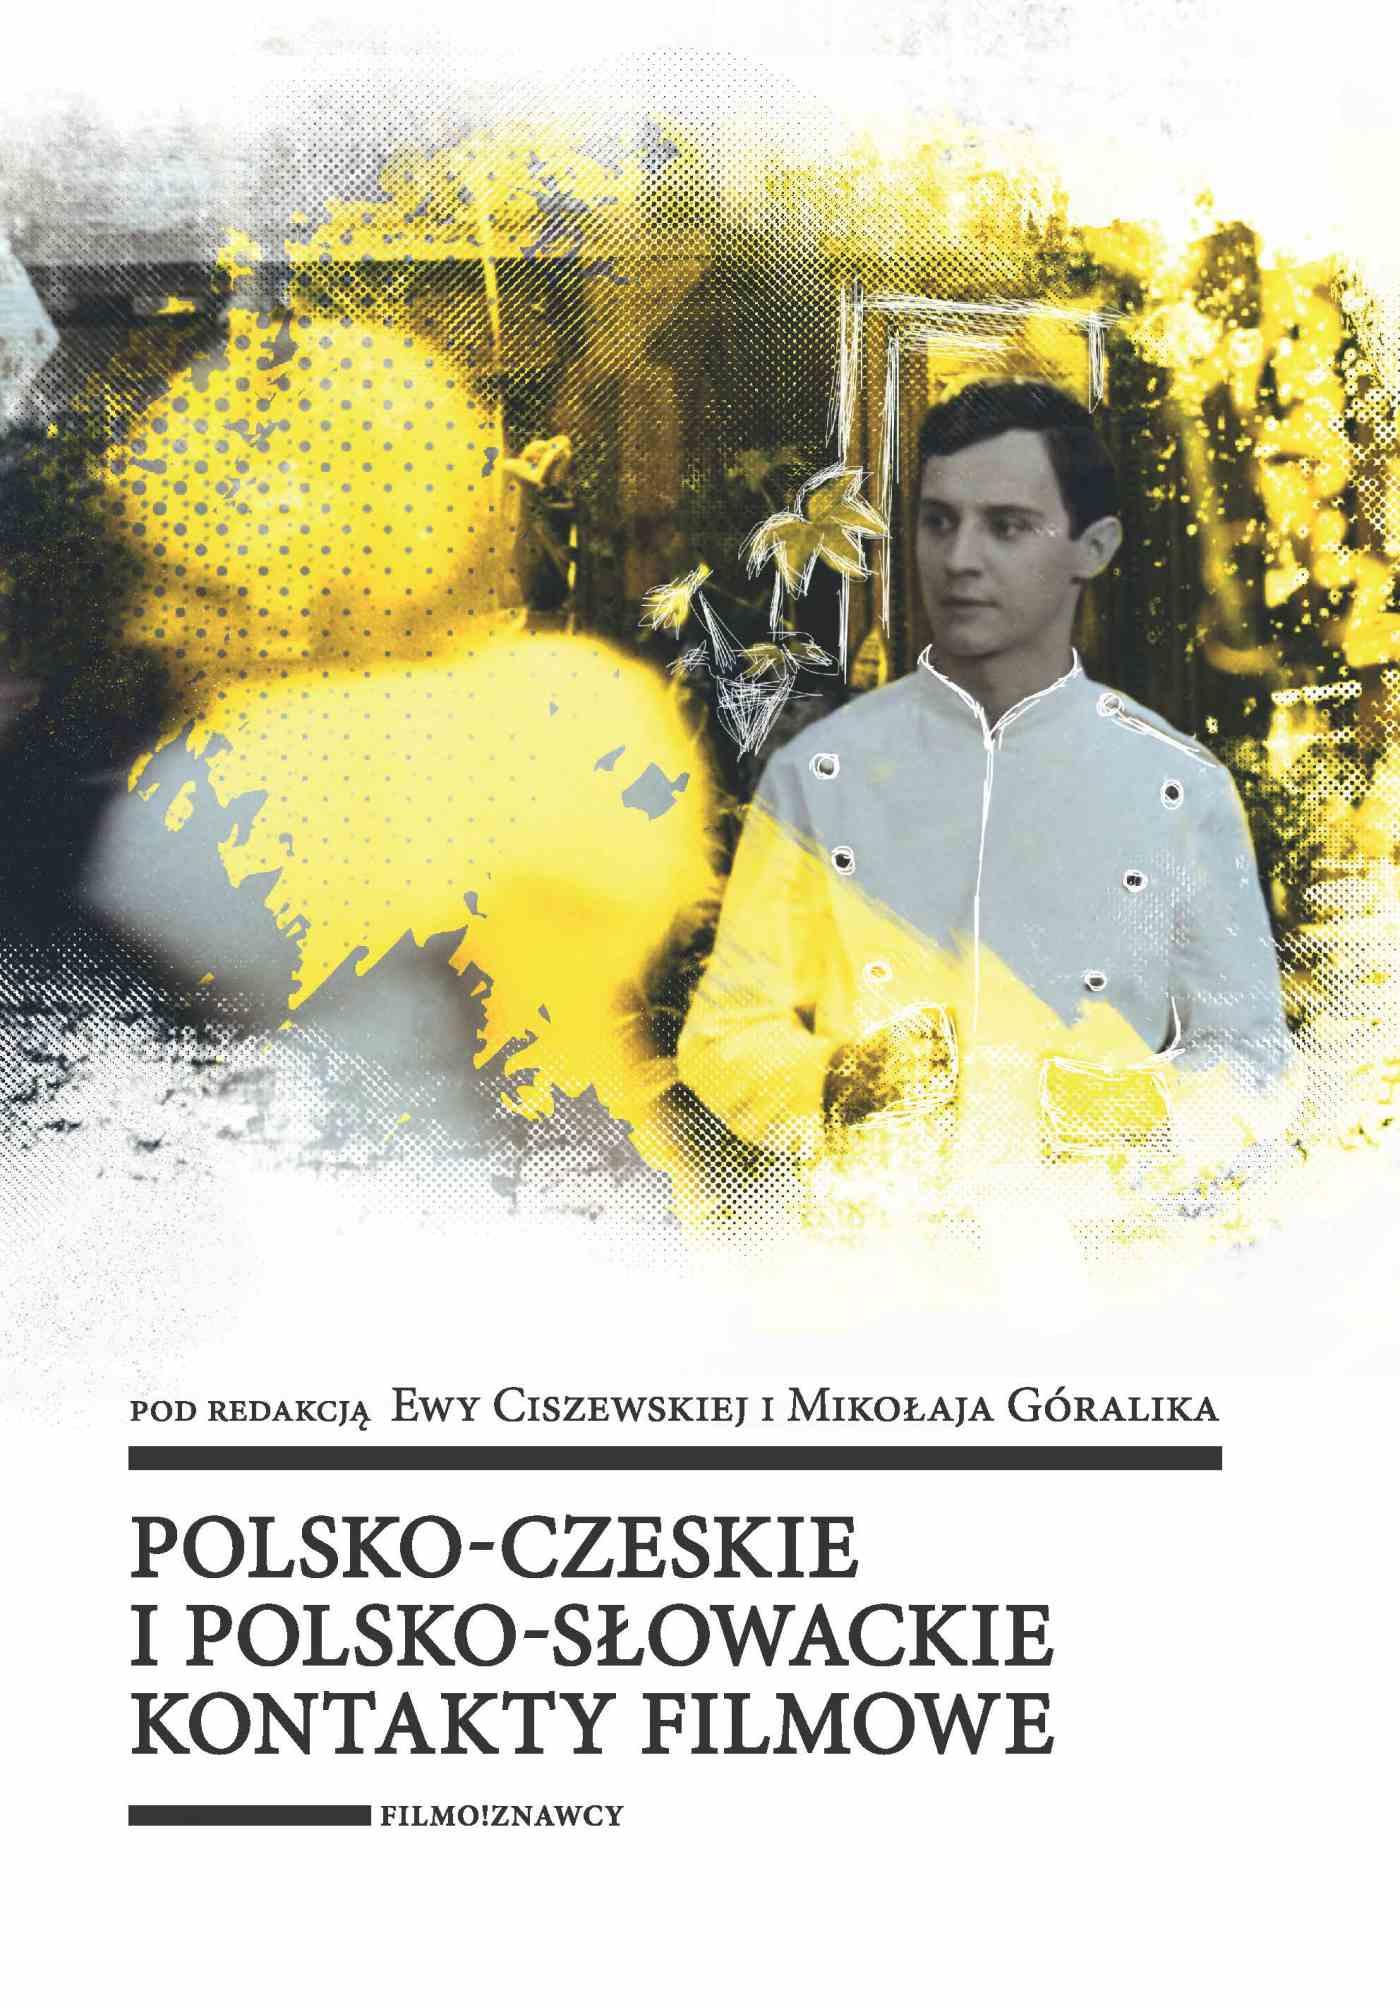 Polsko-czeskie i polsko-słowackie kontakty filmowe - Ebook (Książka PDF) do pobrania w formacie PDF